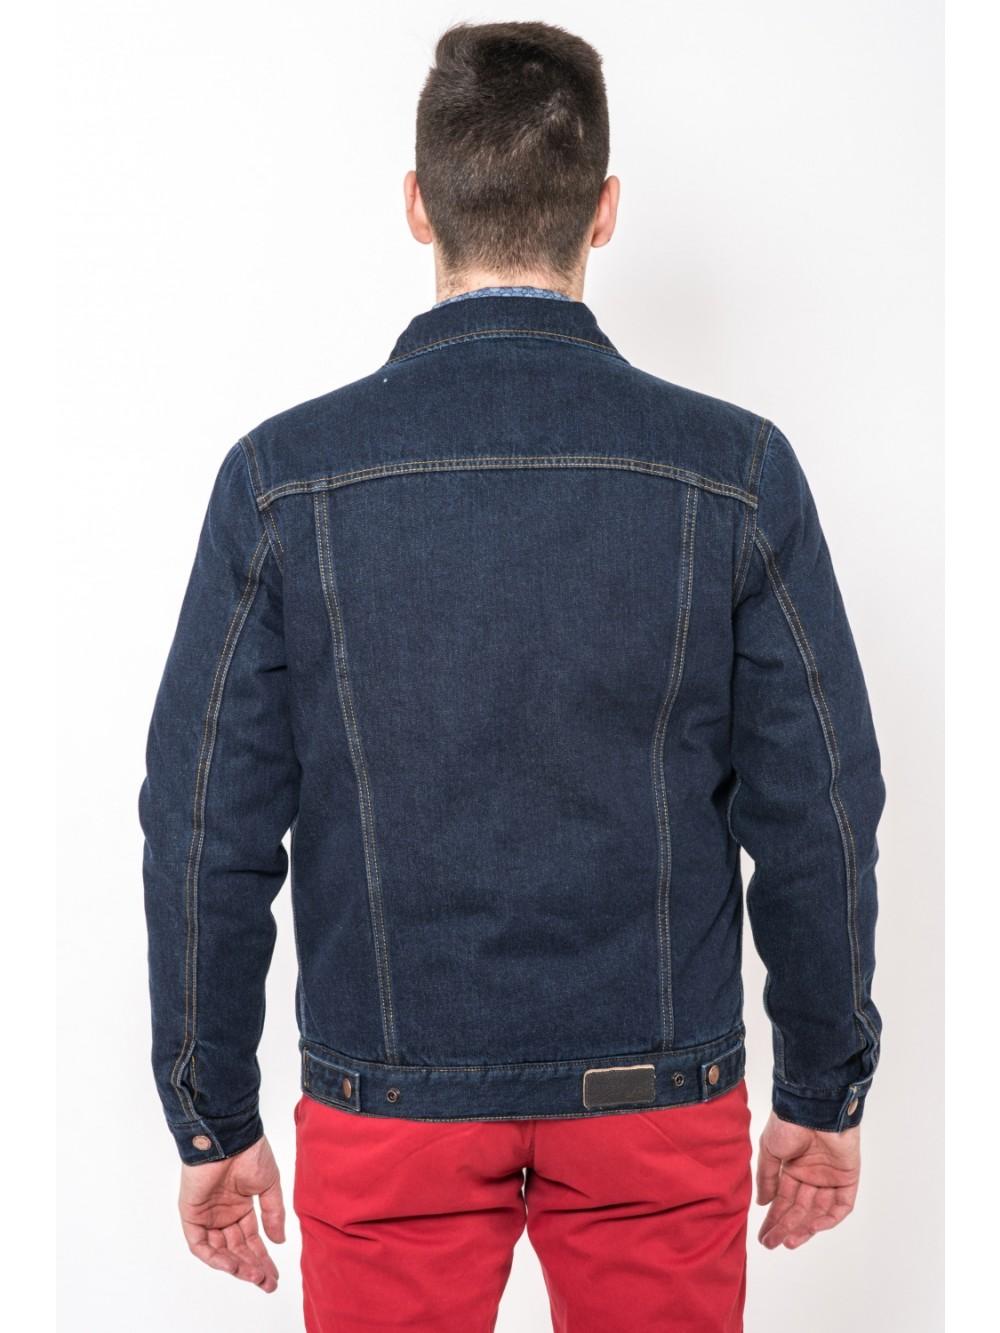 Džínová bunda s péřovou vyplní THAYAGO JAC278 modrá